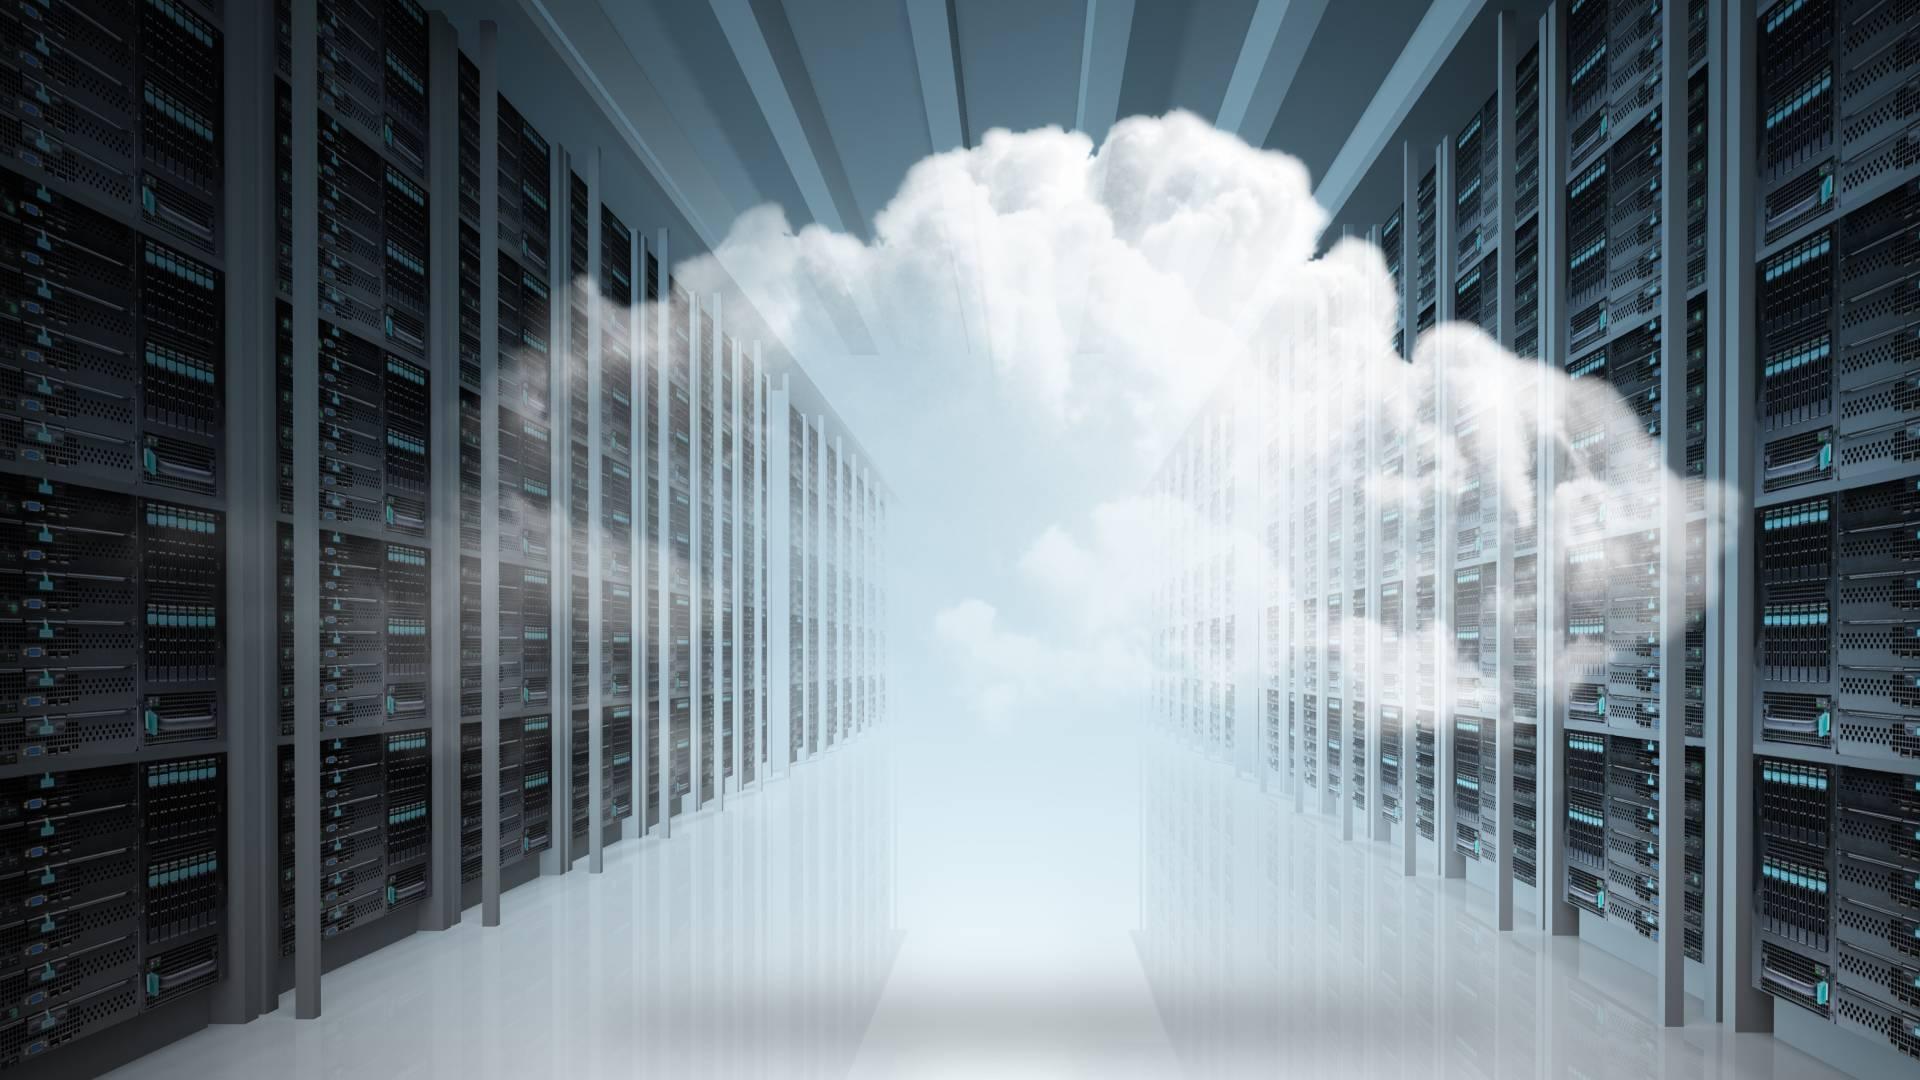 1920x1080-smart-voice-transfer-cloud